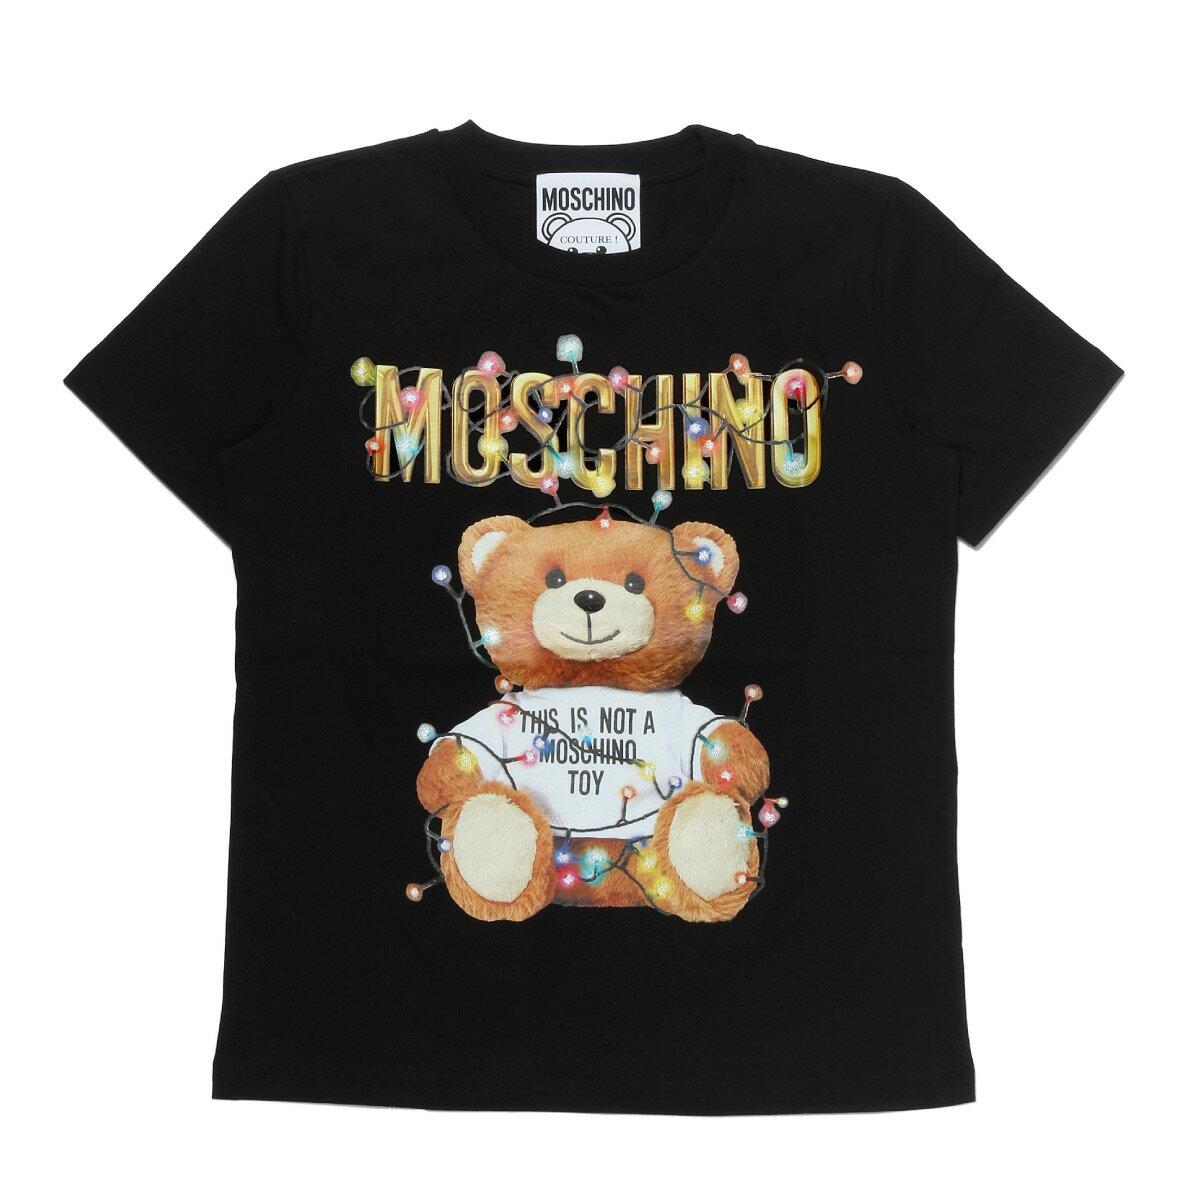 トップス, Tシャツ・カットソー  MOSCHINO T 0798 4040 1555 T BLACK